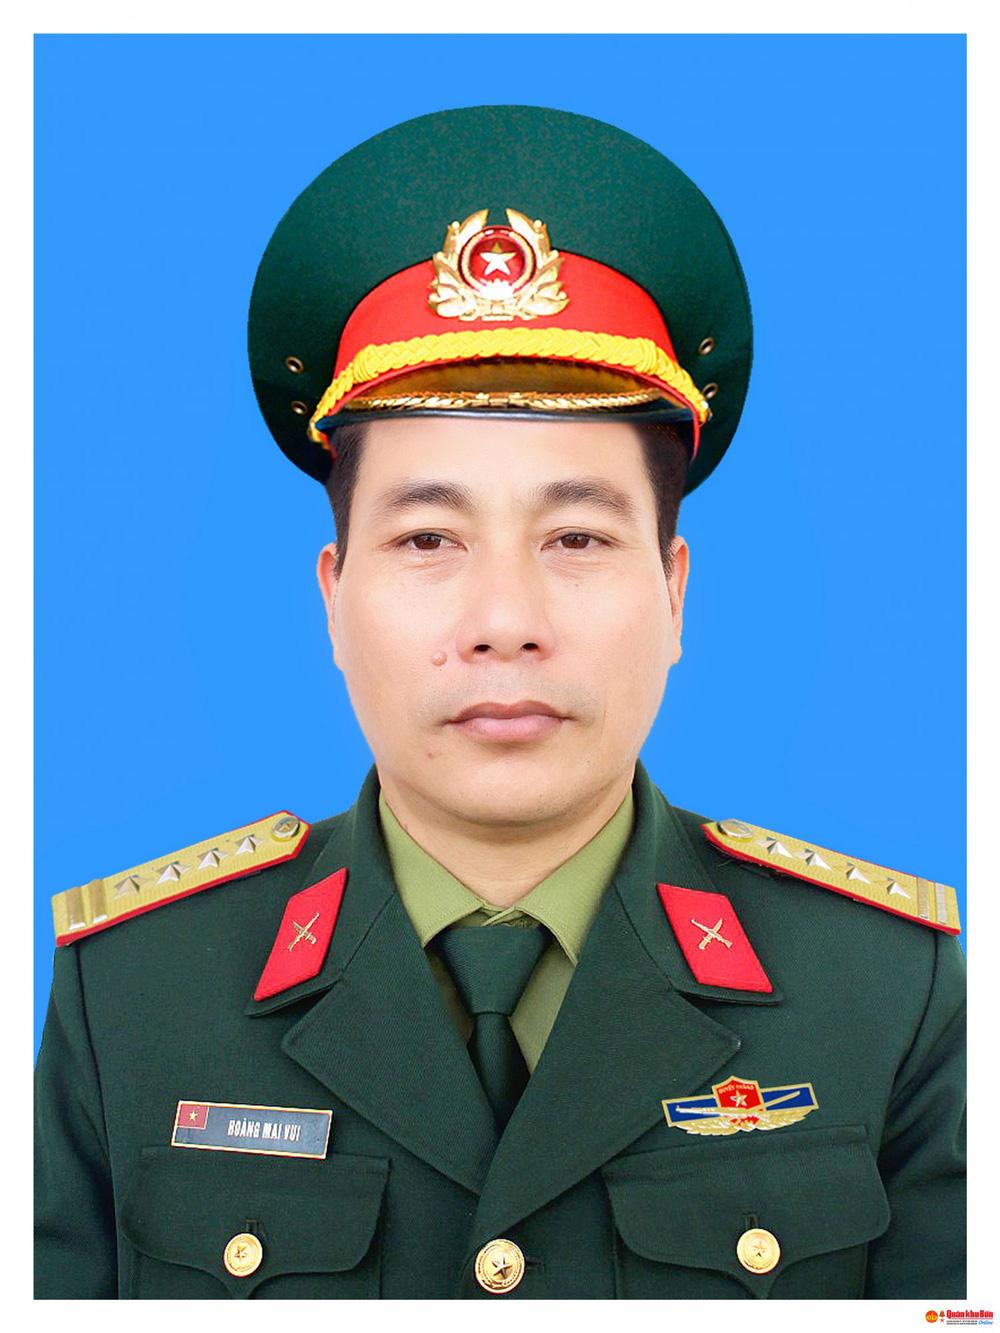 Thông tin chi tiết về tiểu sử, tang lễ 13 cán bộ, chiến sĩ hy sinh tại trạm kiểm lâm 67 - Ảnh 6.